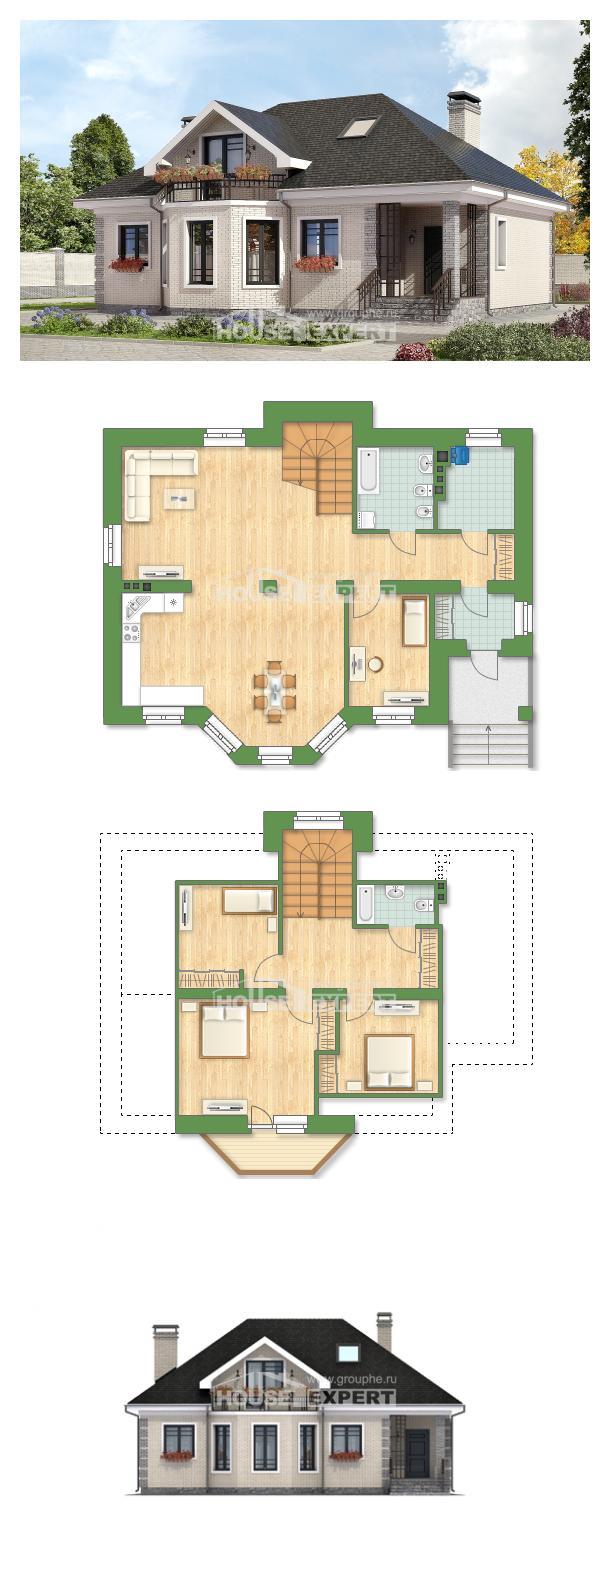 Проект дома 150-013-П | House Expert